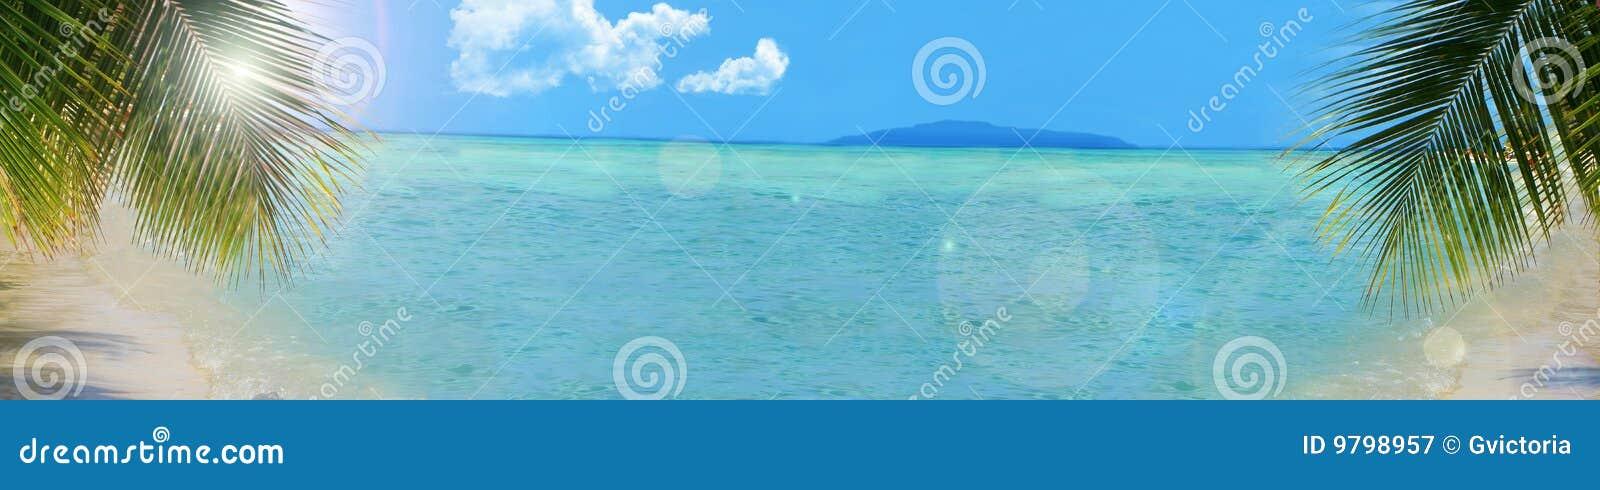 Bandiera tropicale della priorità bassa della spiaggia